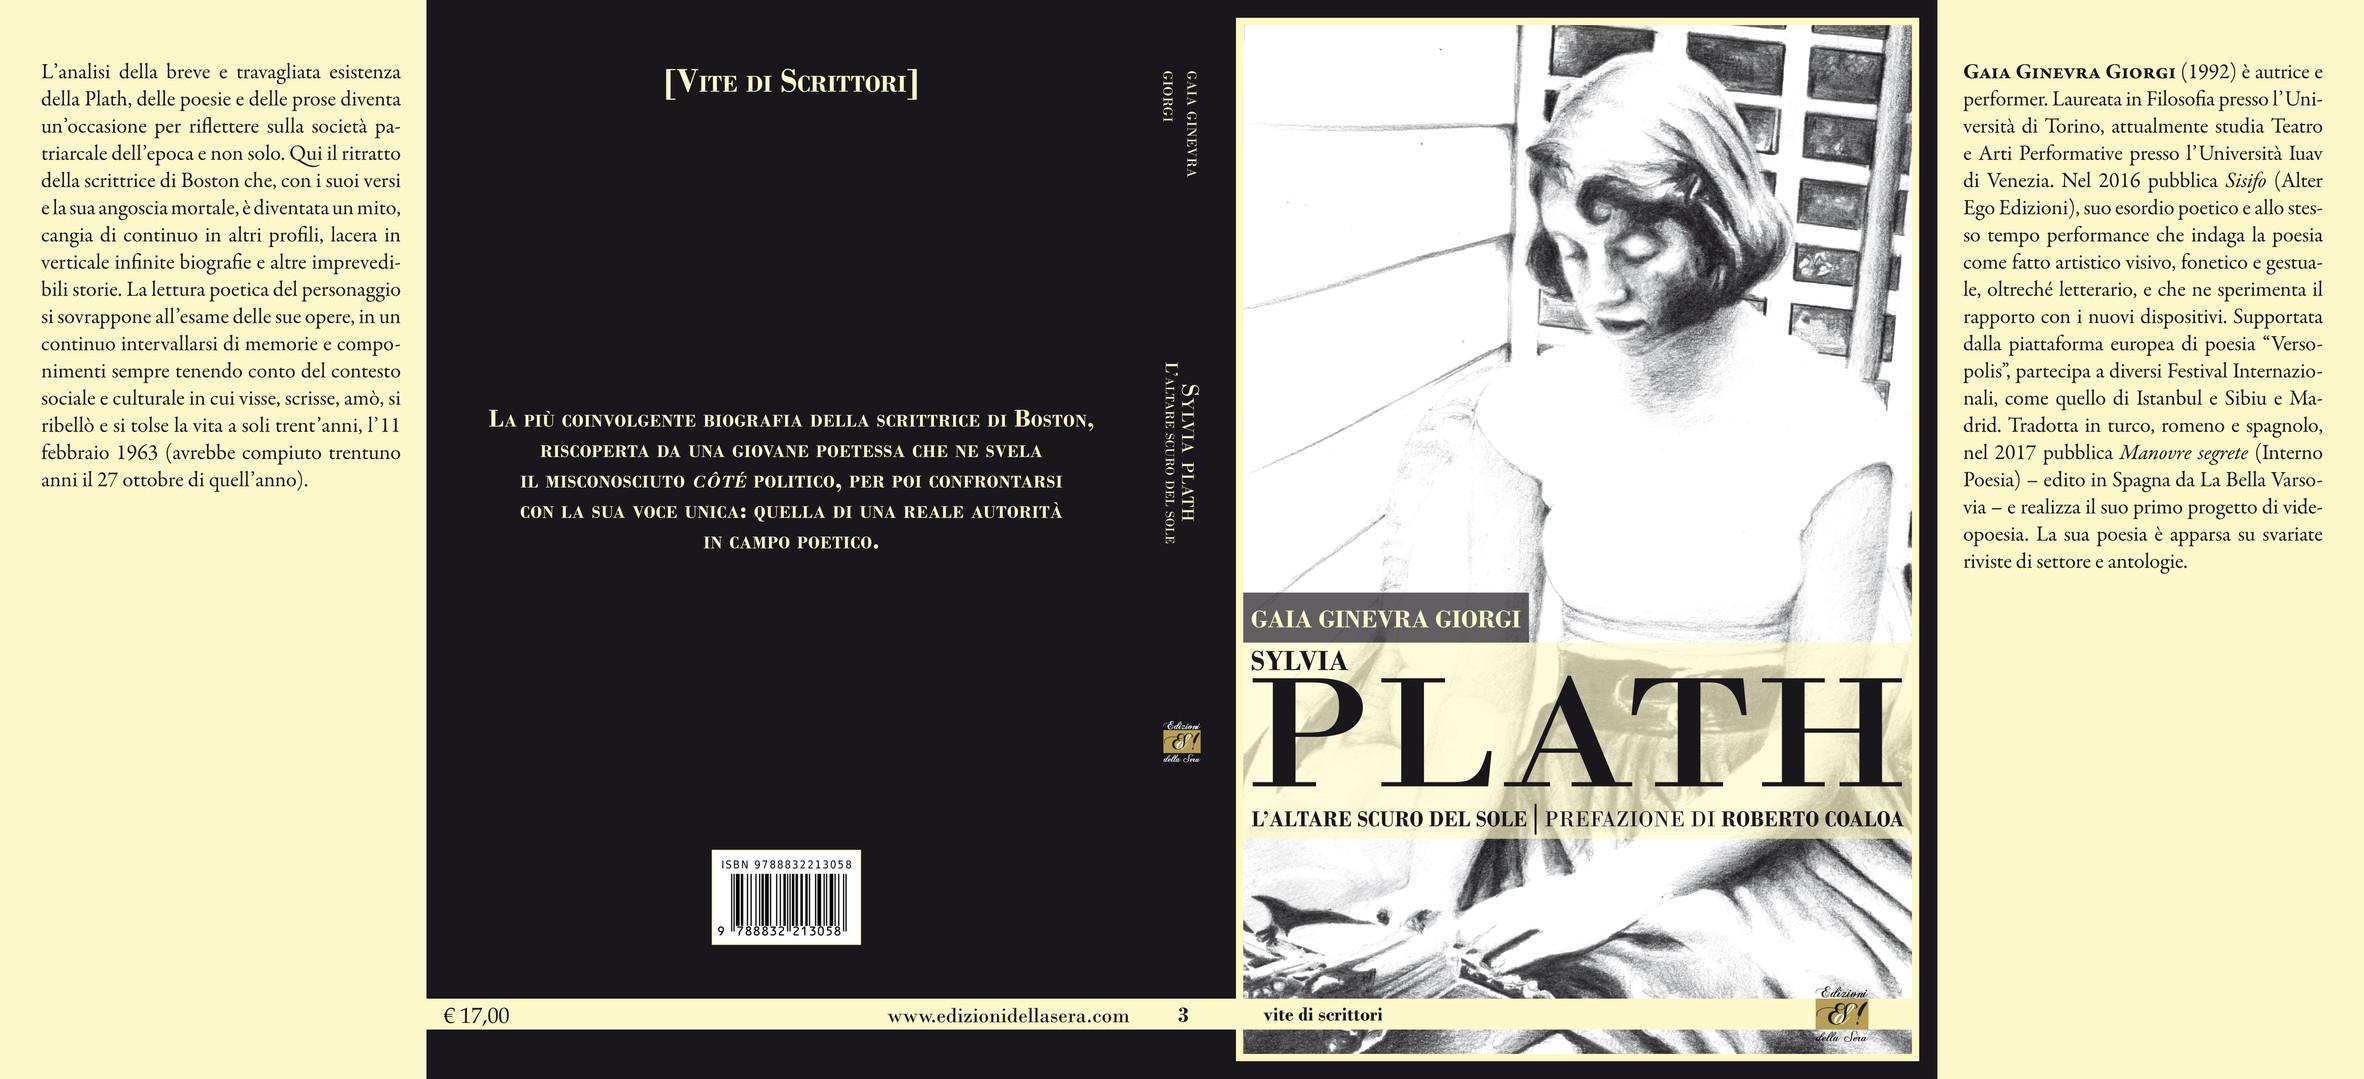 Cop Sylvia Plath.jpg